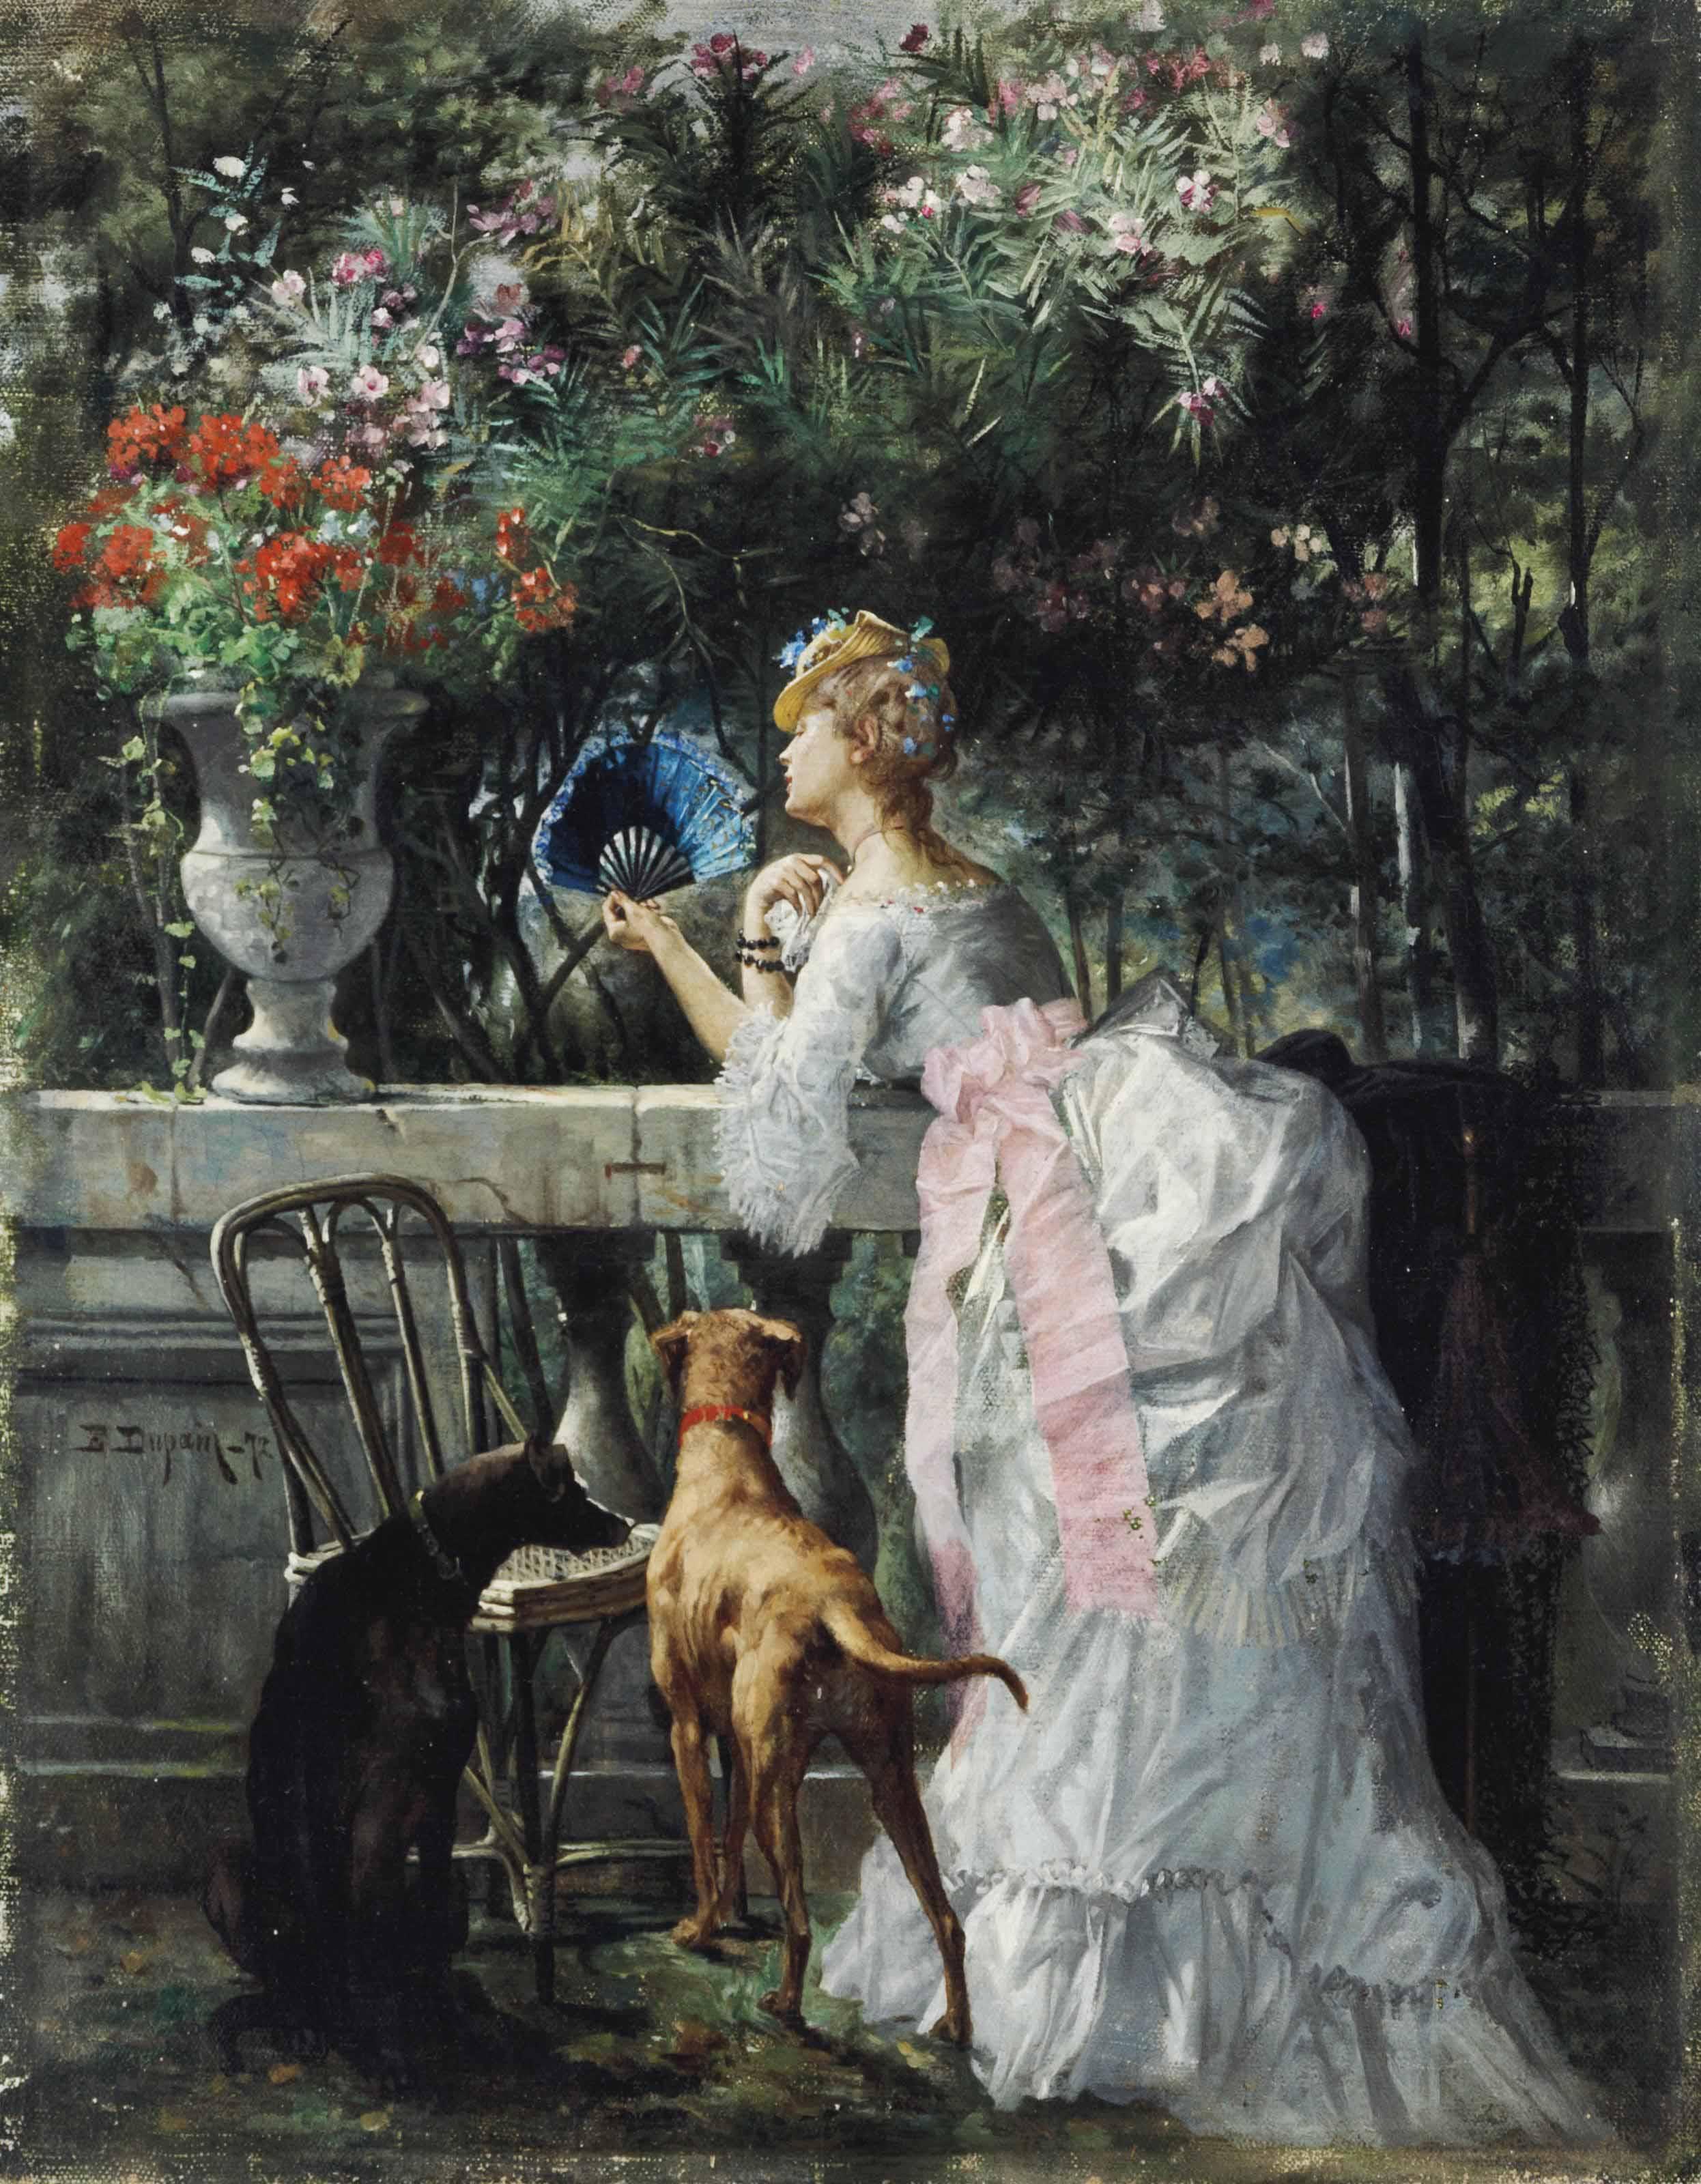 Femme dans le parc avec les chiens